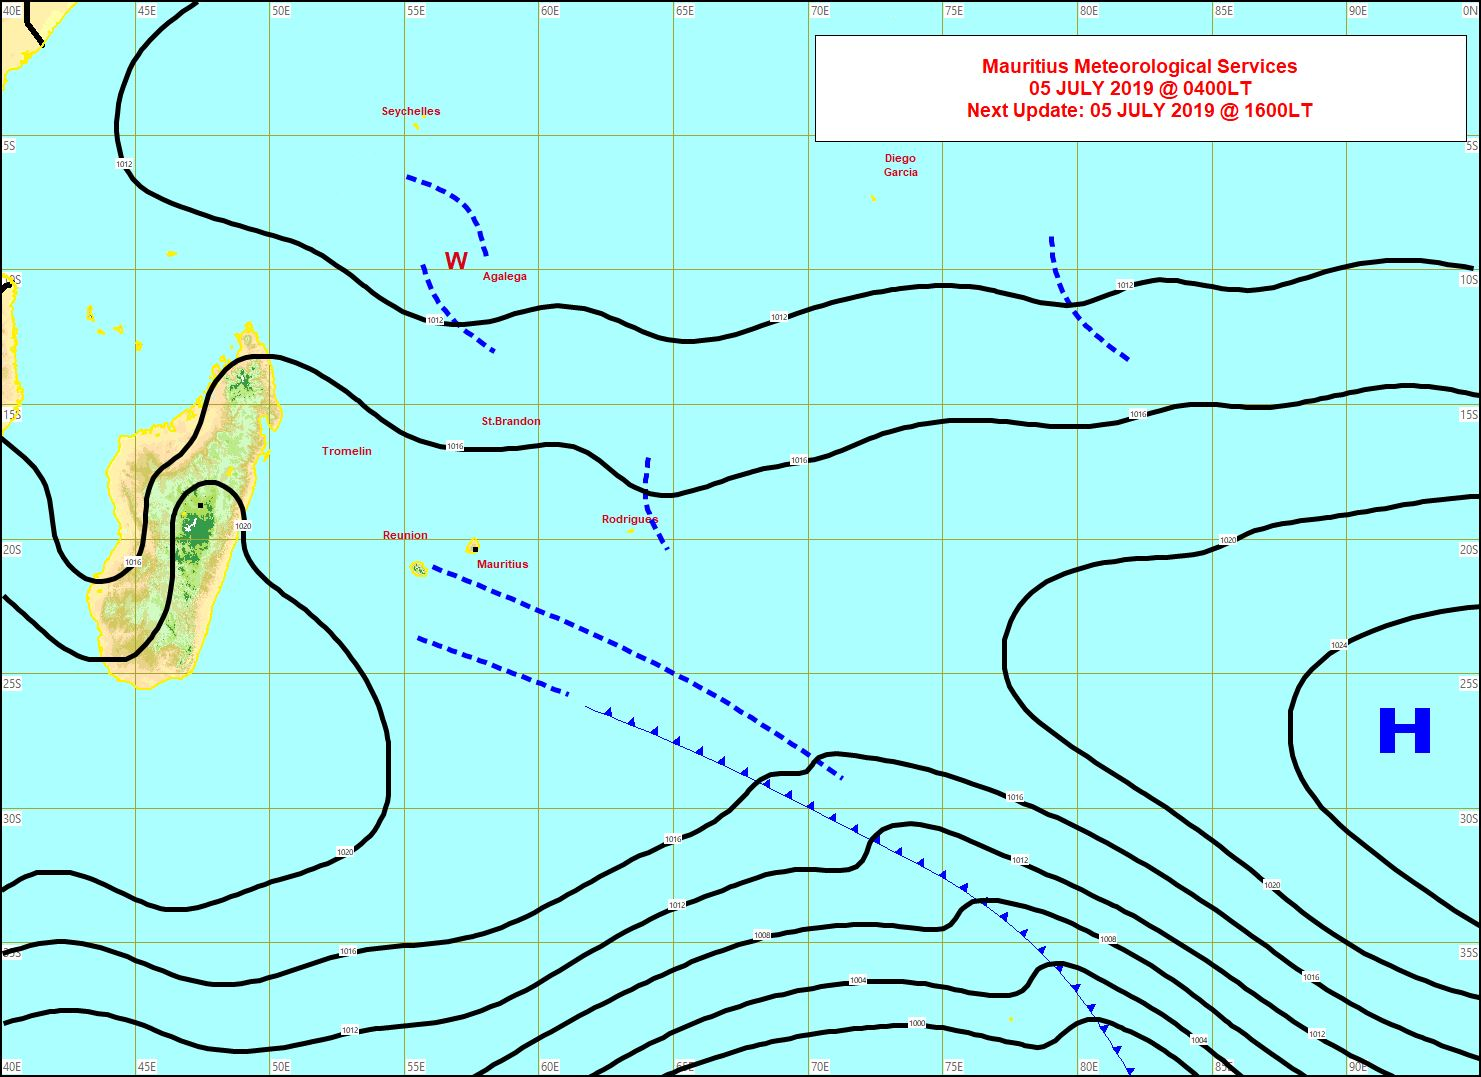 Analyse de la situation de surface ce matin. La limite frontale résiduelle(pointillés) passe inaperçue à proximité des Iles Soeurs. Un peu d'instabilité près de Rodrigues et d'Agaléga. MMS